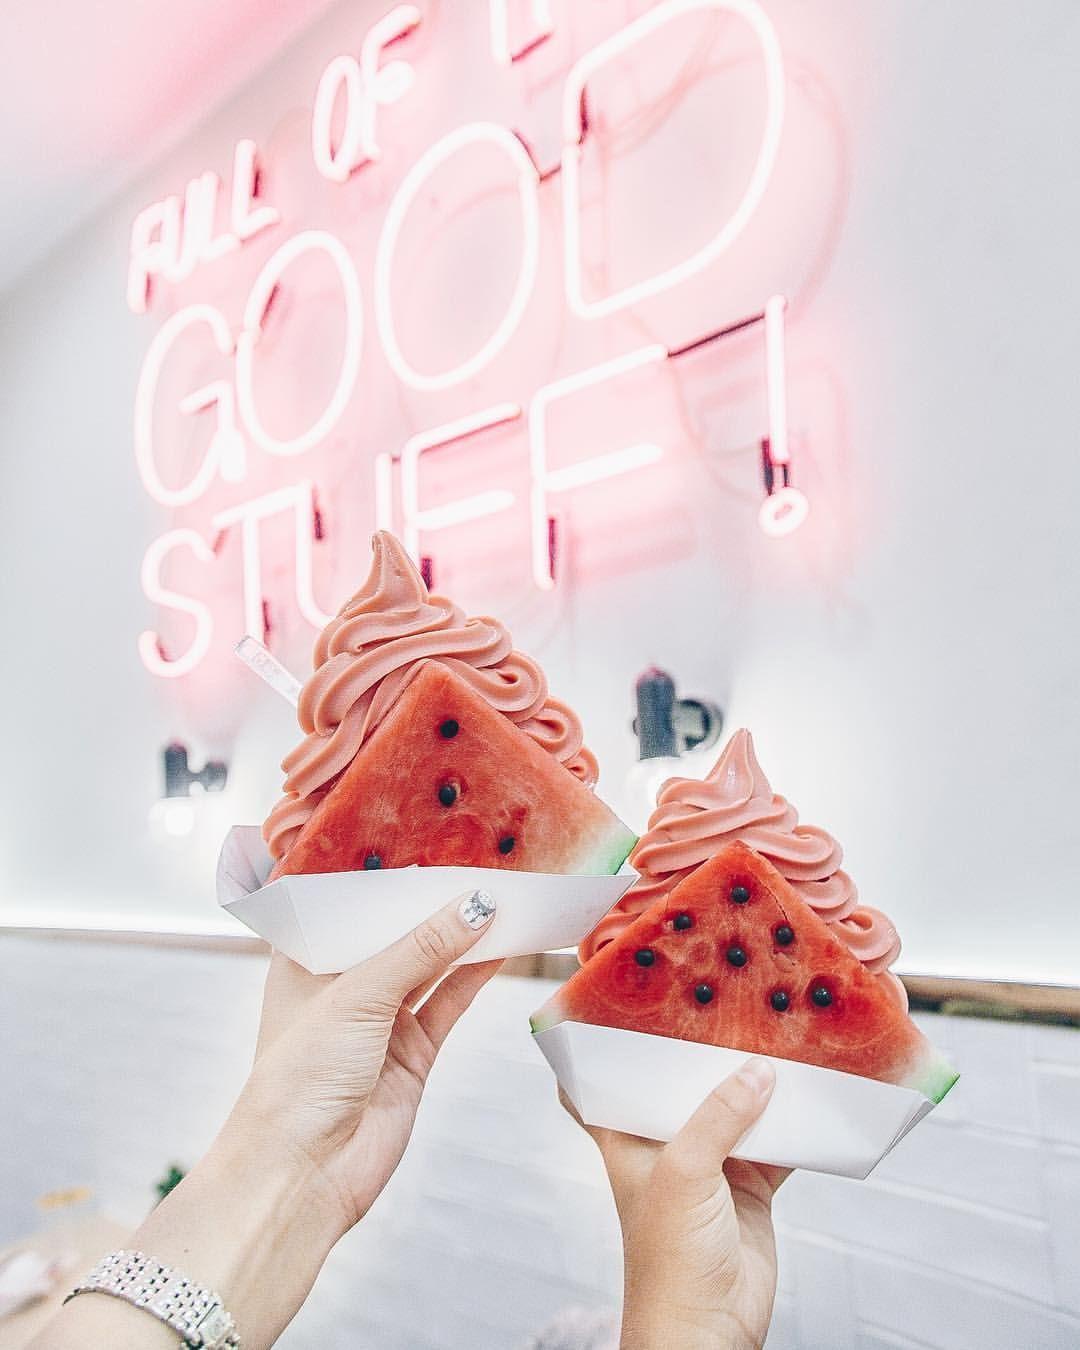 Ellia dream ice cream opinion you